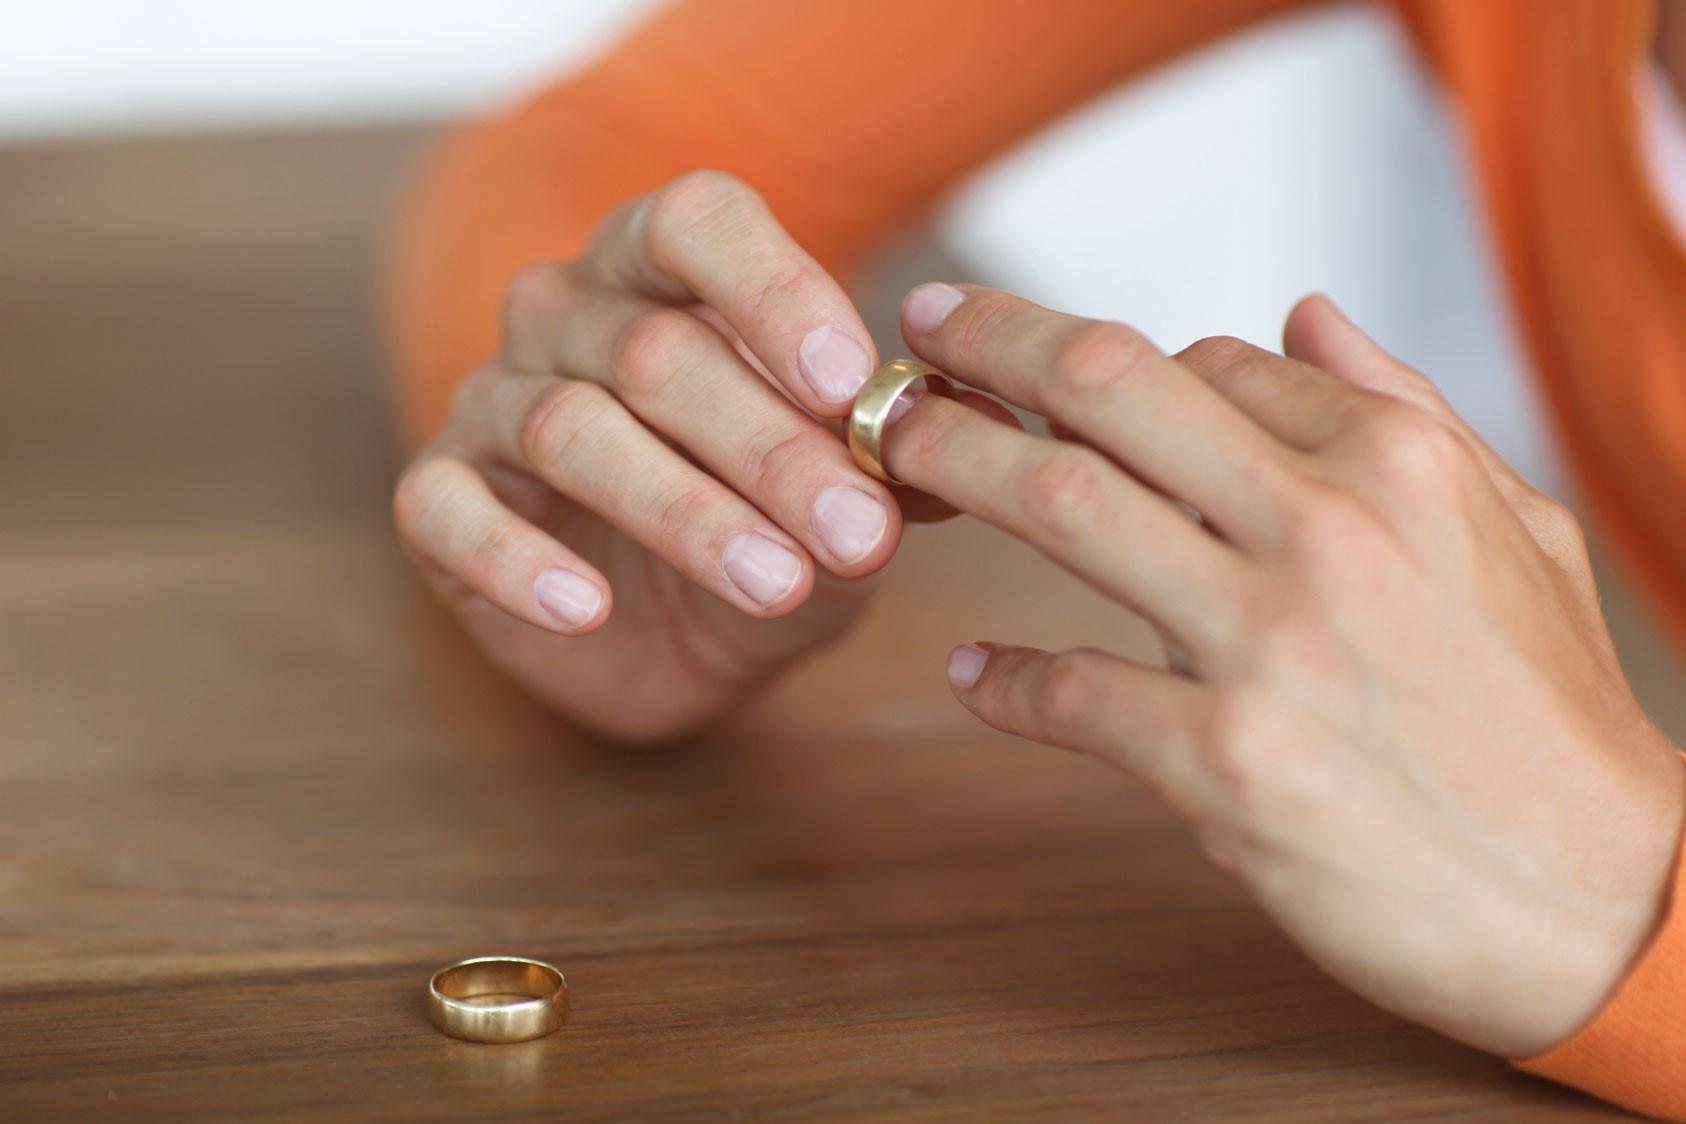 Подача заявления на развод в одностороннем порядке